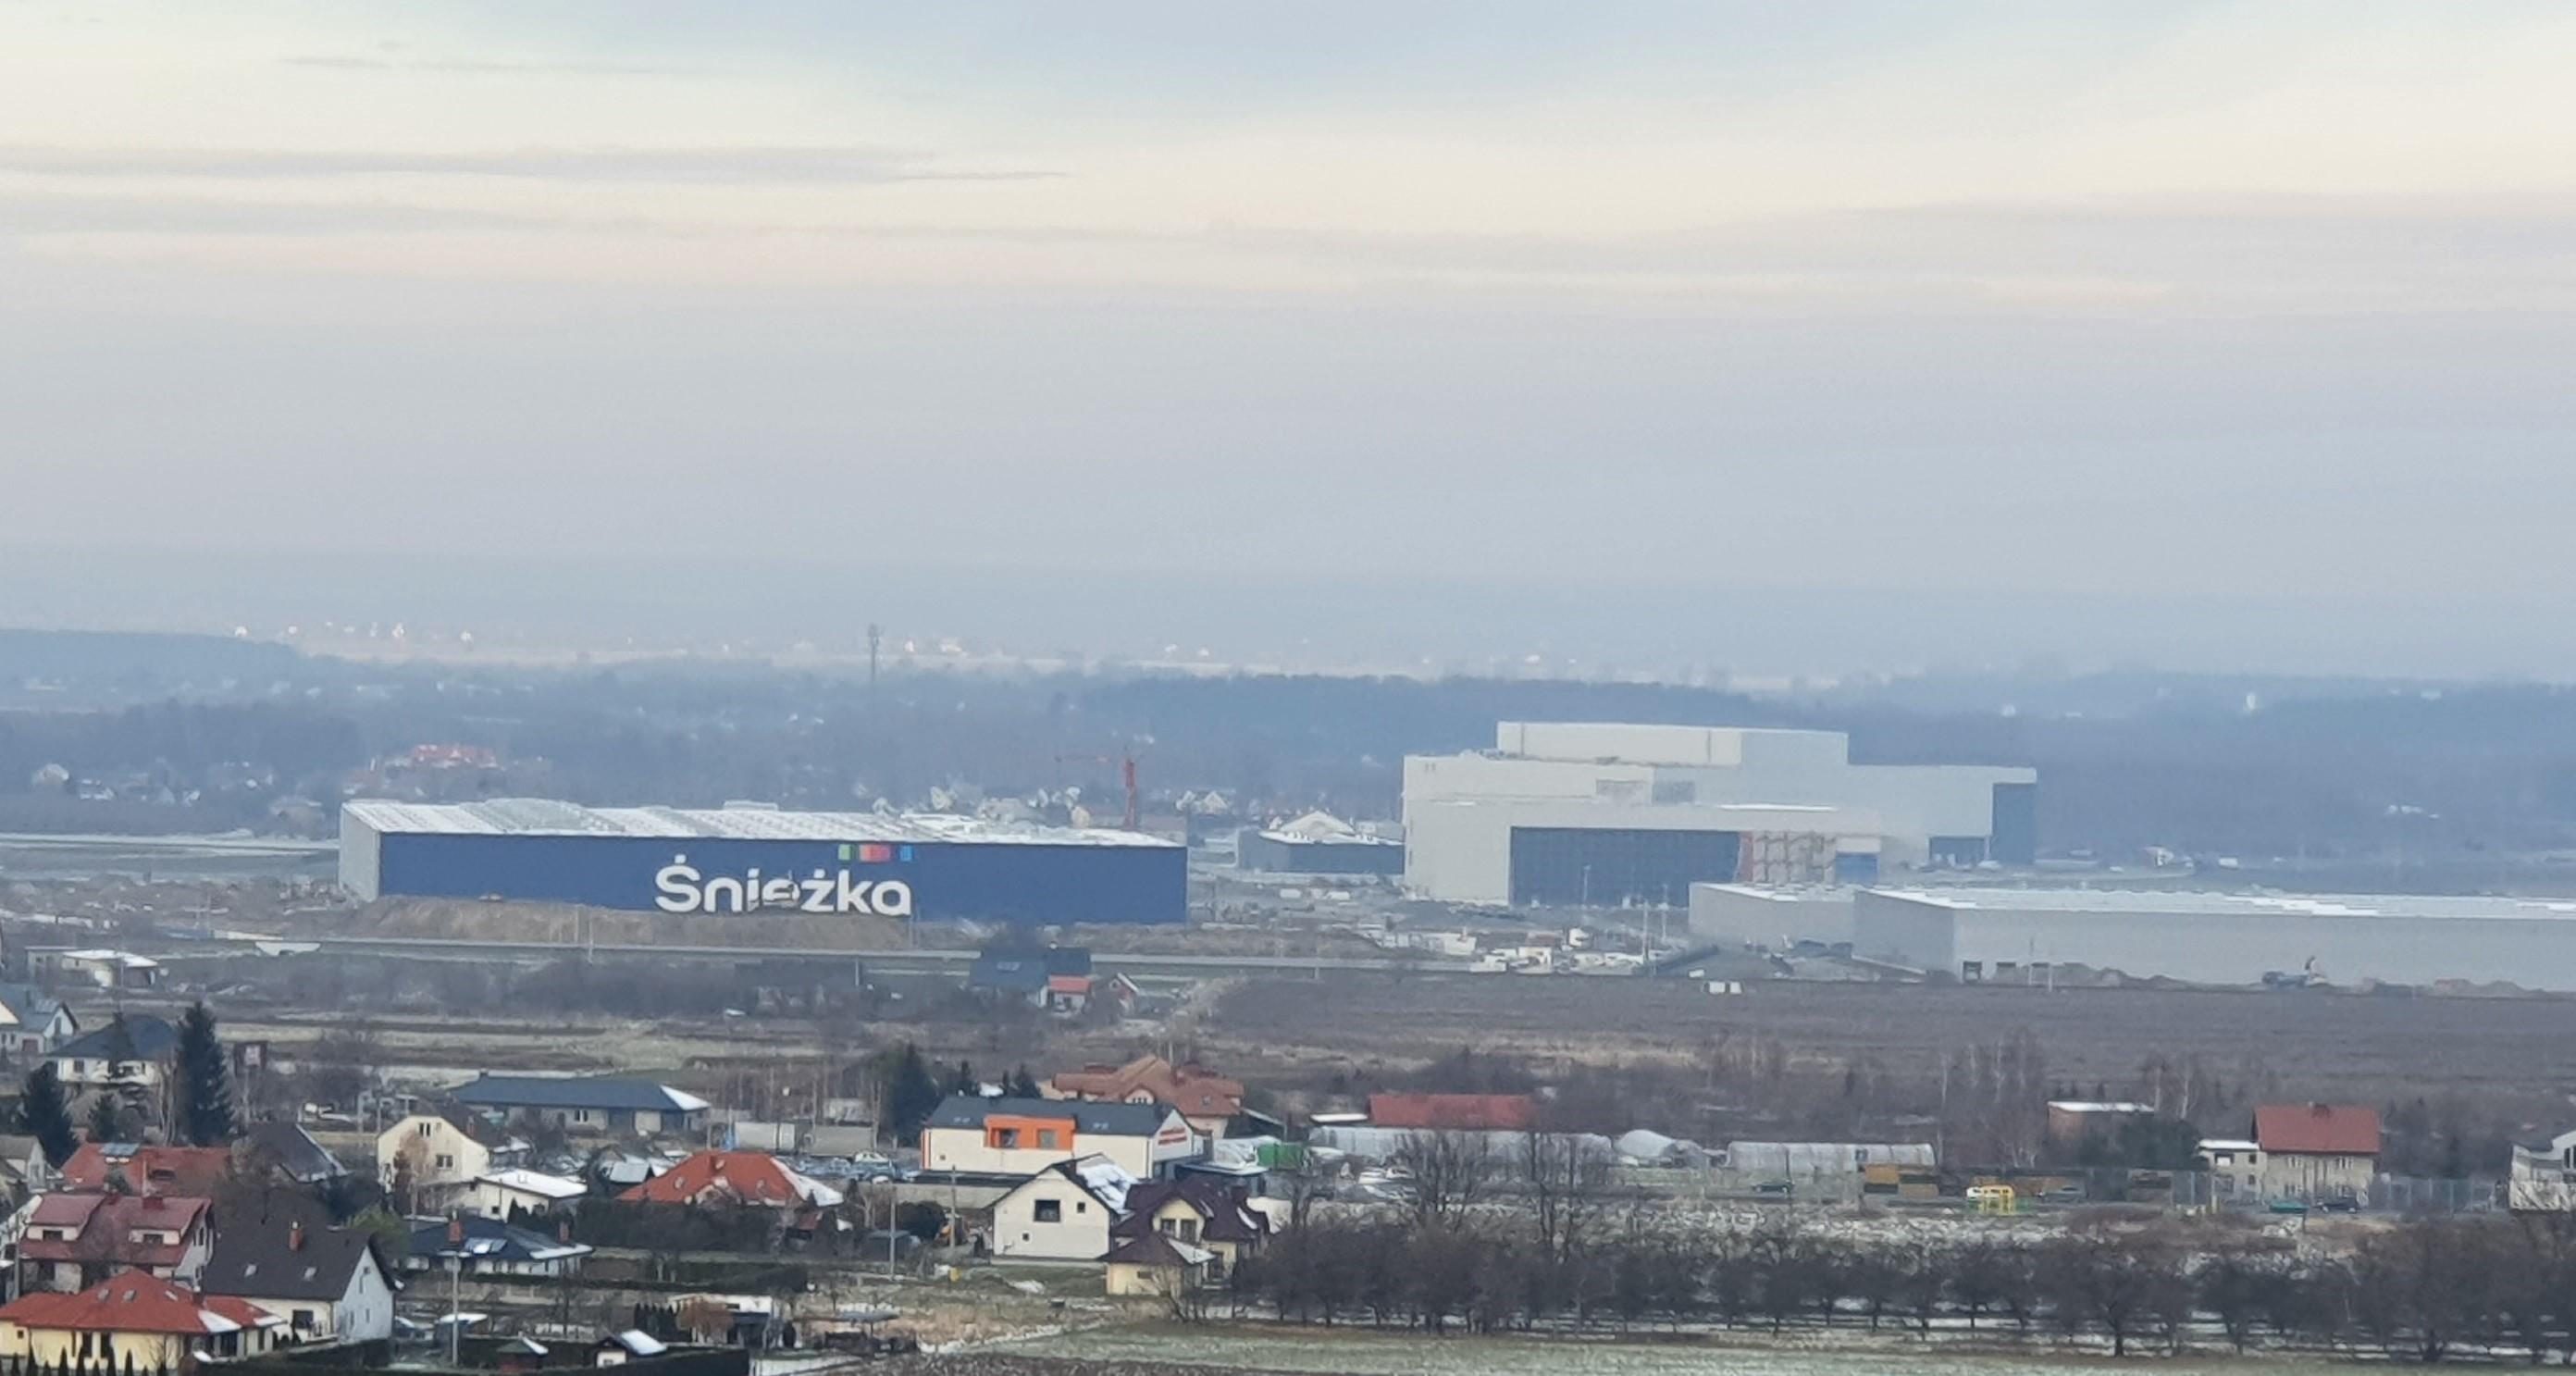 Gospodarka. Powstaje ogromne centrum dystrybucyjne firmy Śnieżka pod Dębicą  - Zdjęcie główne